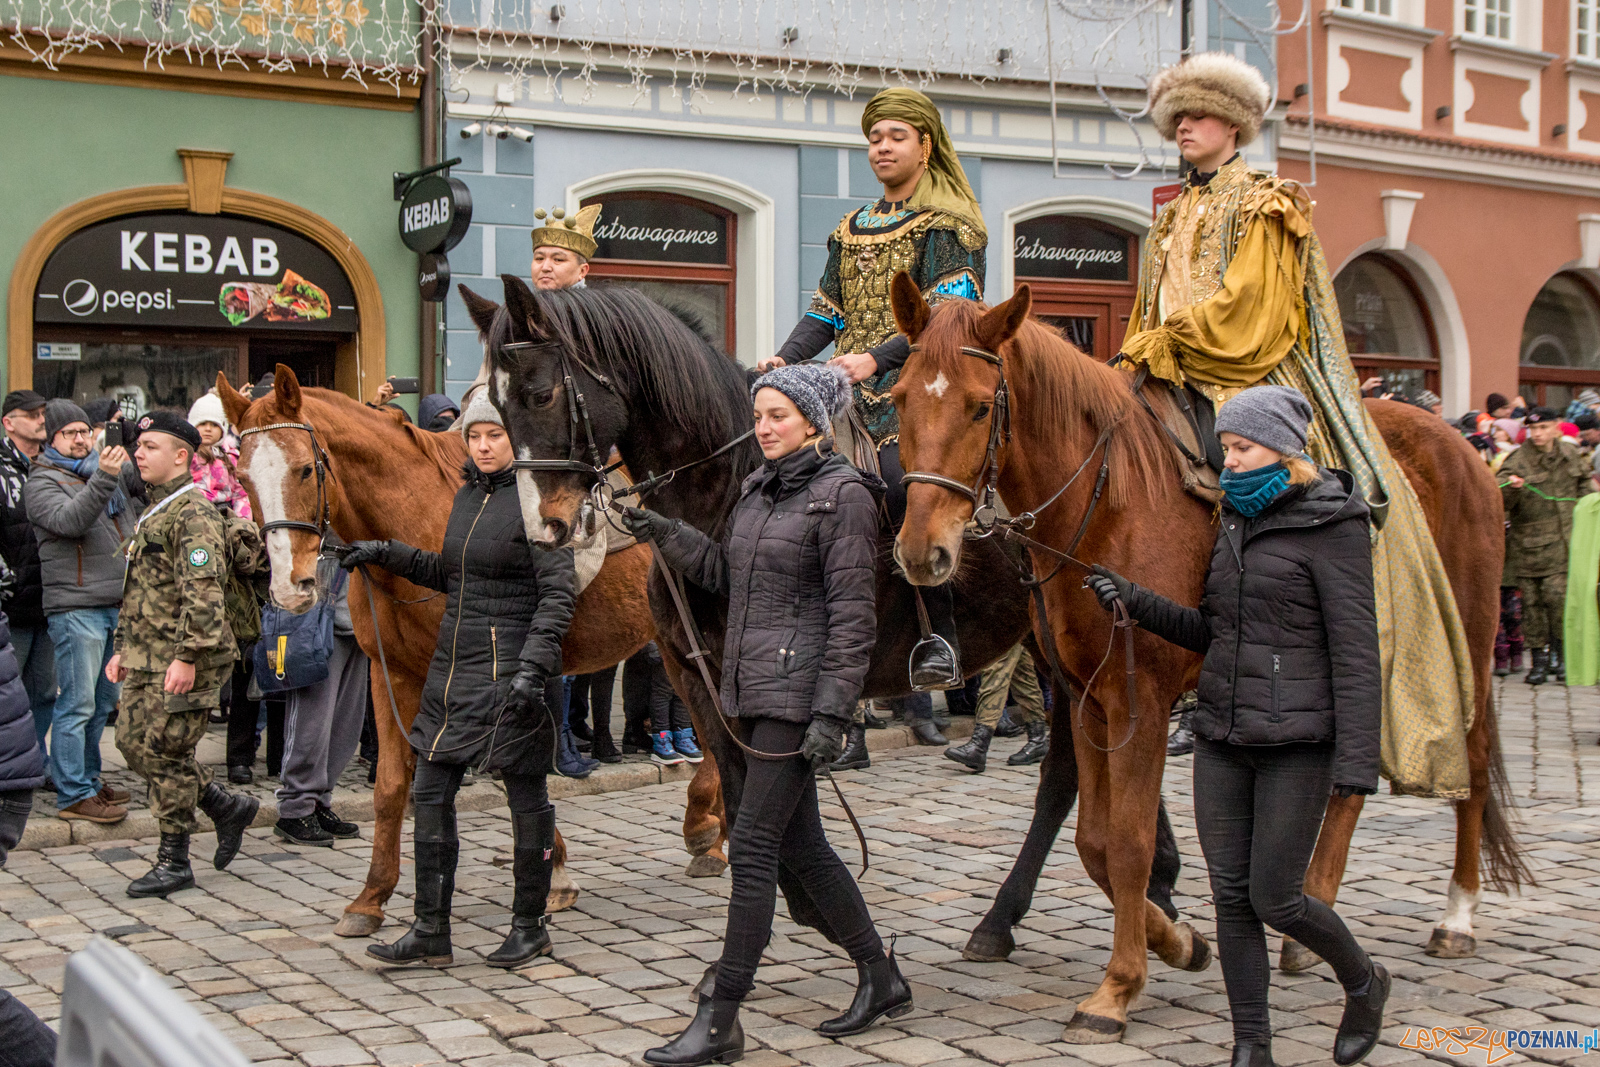 Orszak Trzech Króli  Foto: lepszyPOZNAN.pl / Ewelina Jaśkowiak